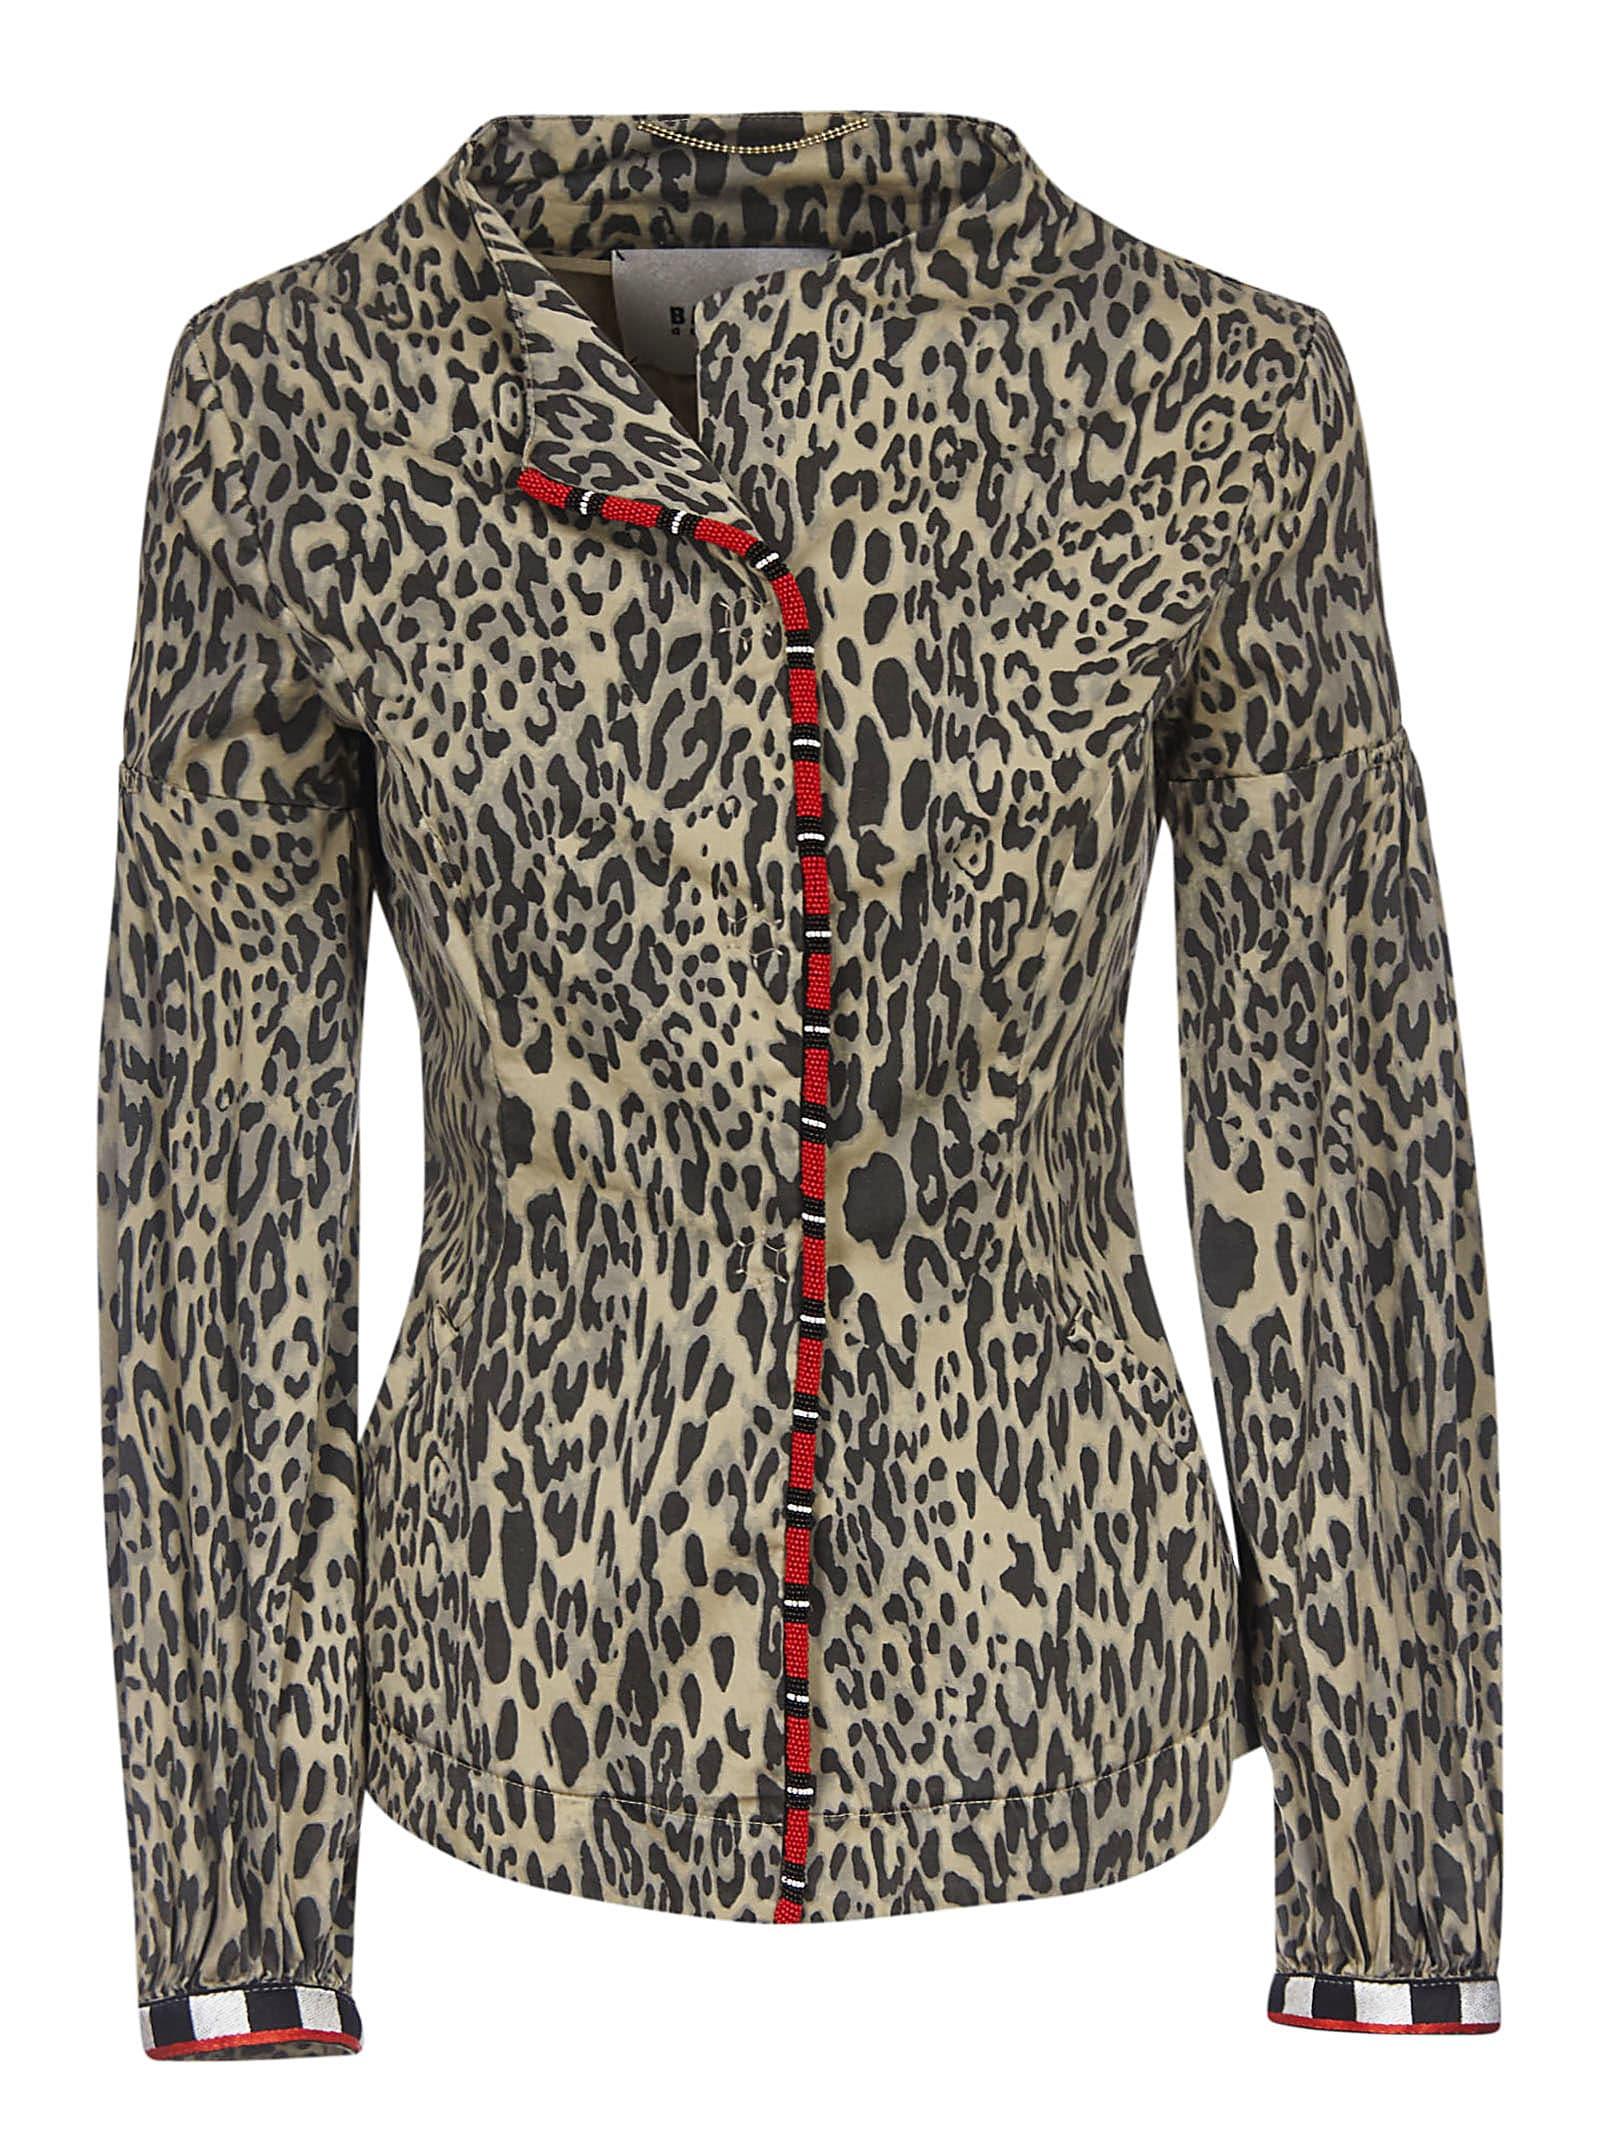 Bazar Deluxe Leopard Print Jacket